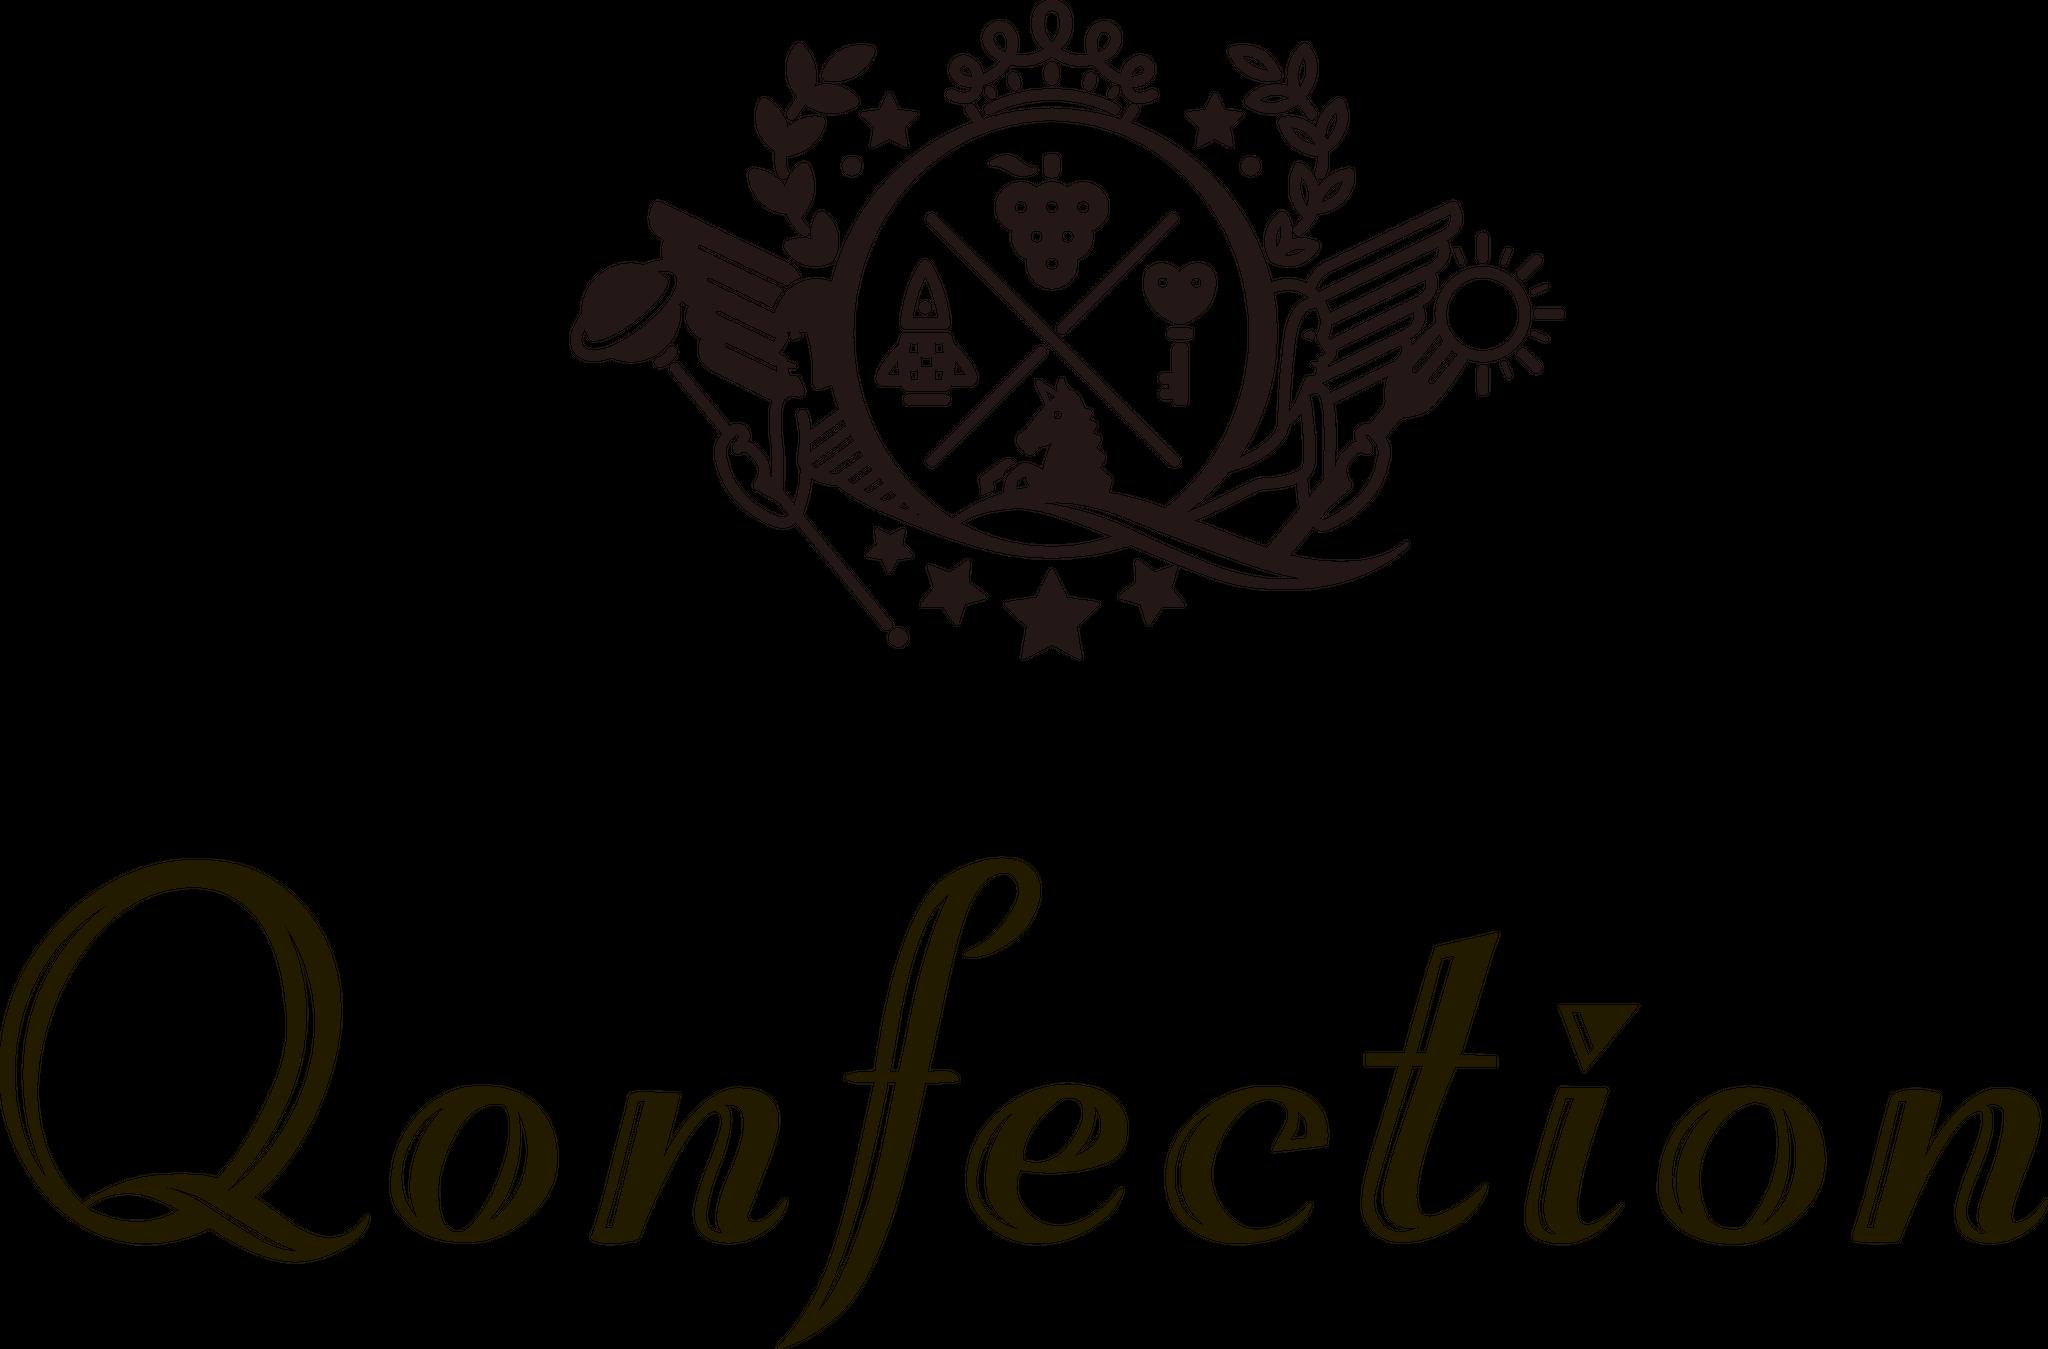 コンフェクション|Qonfection